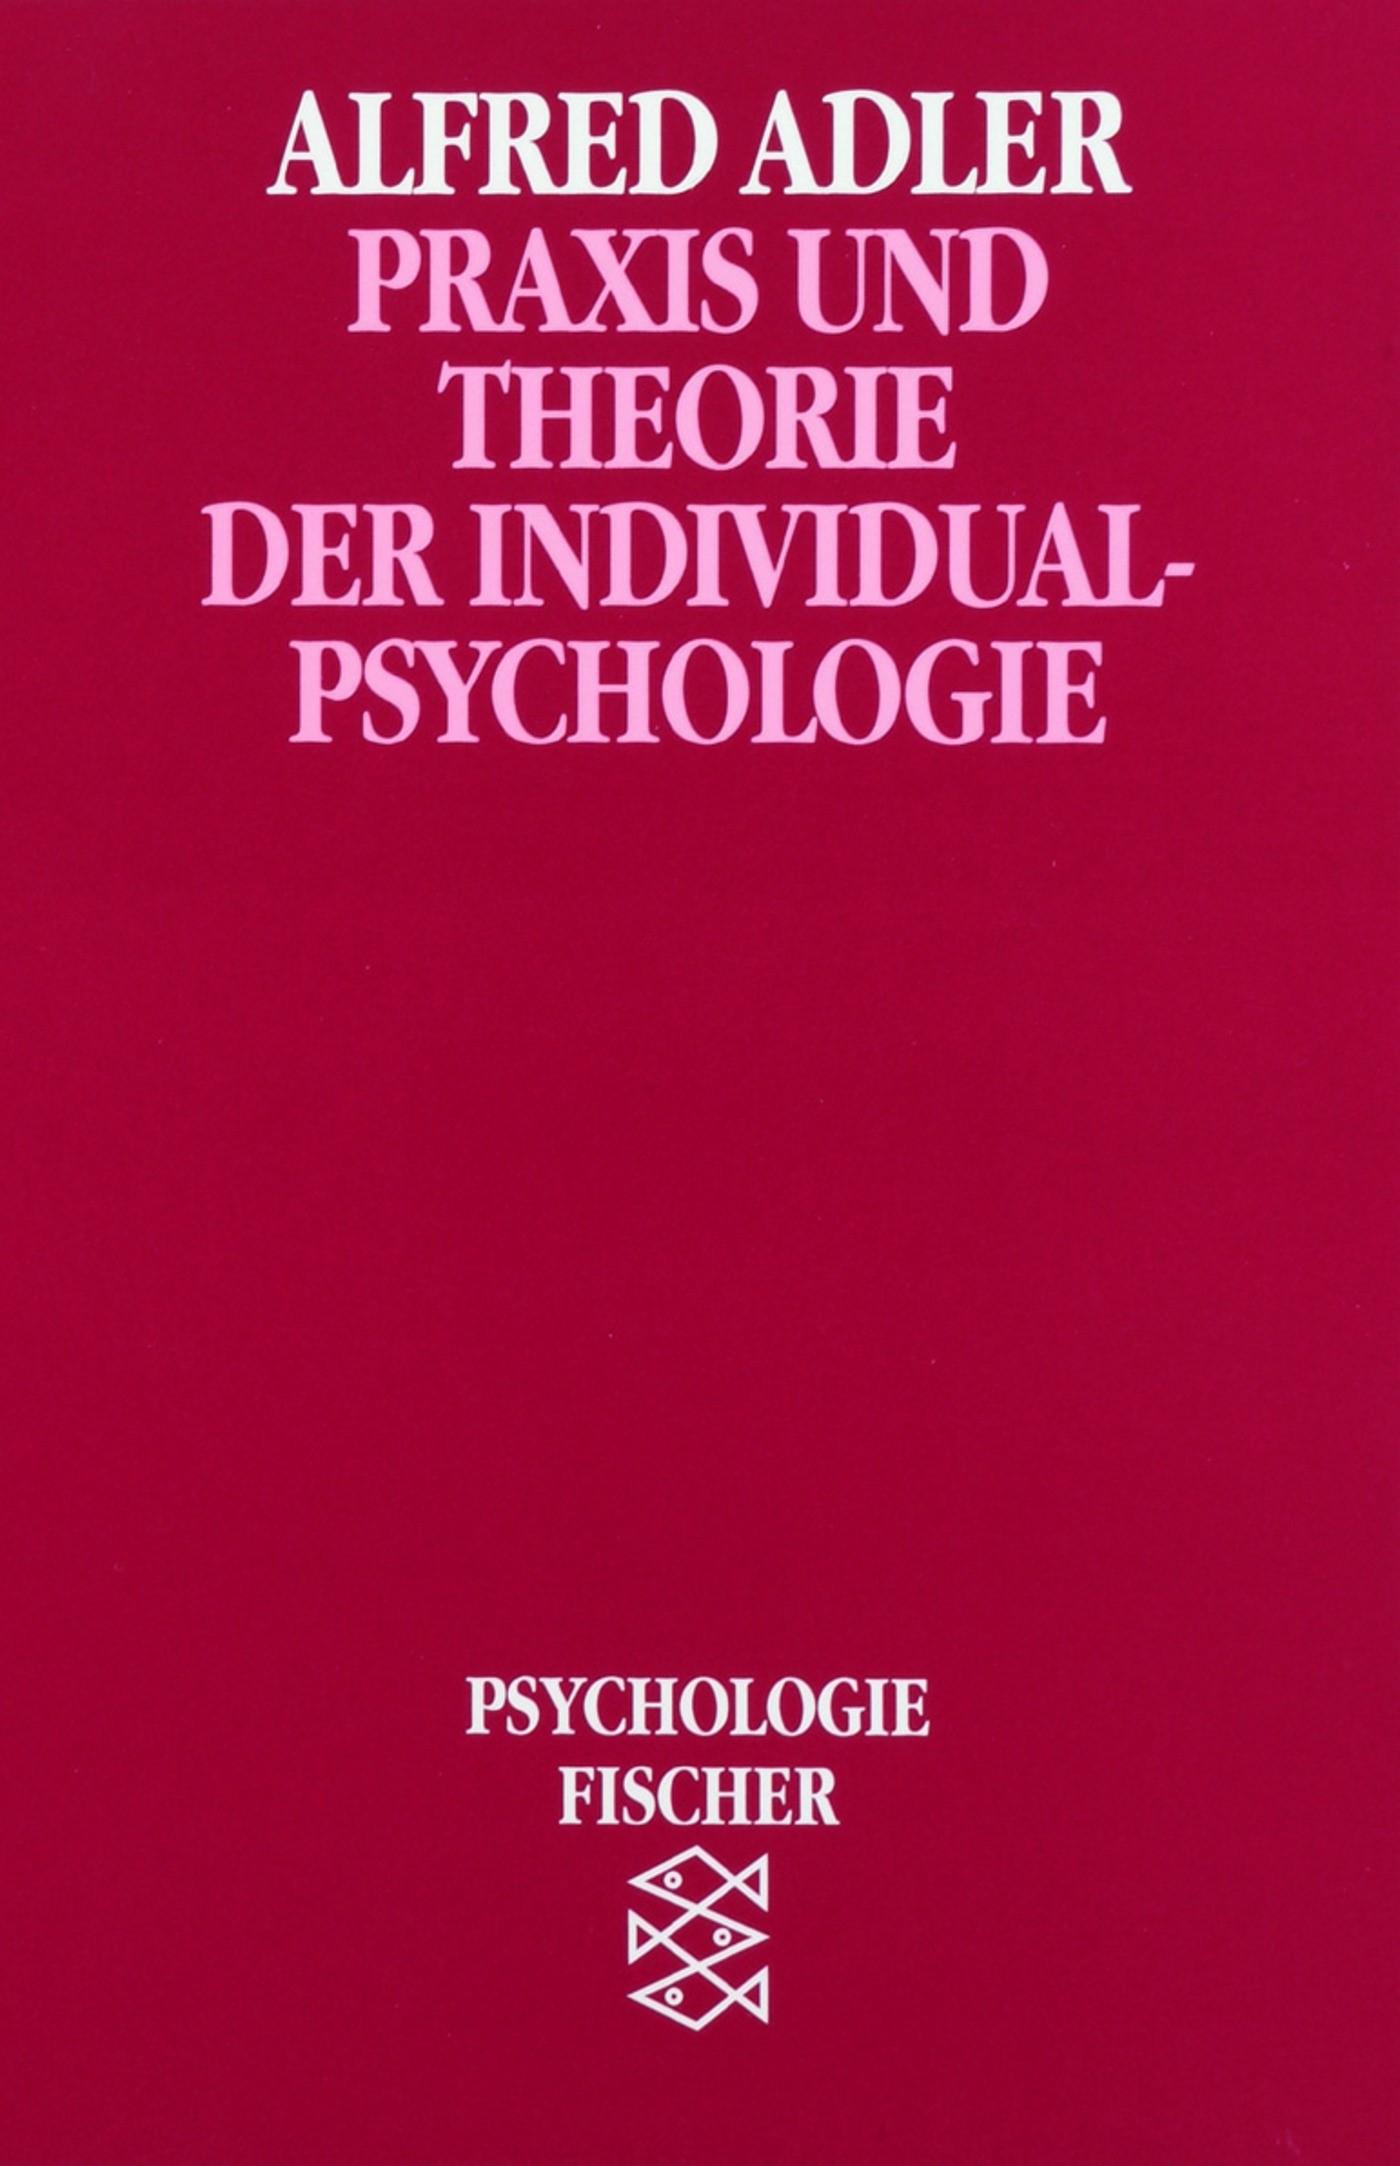 Abbildung von Adler   Praxis und Theorie der Individualpsychologie   1974